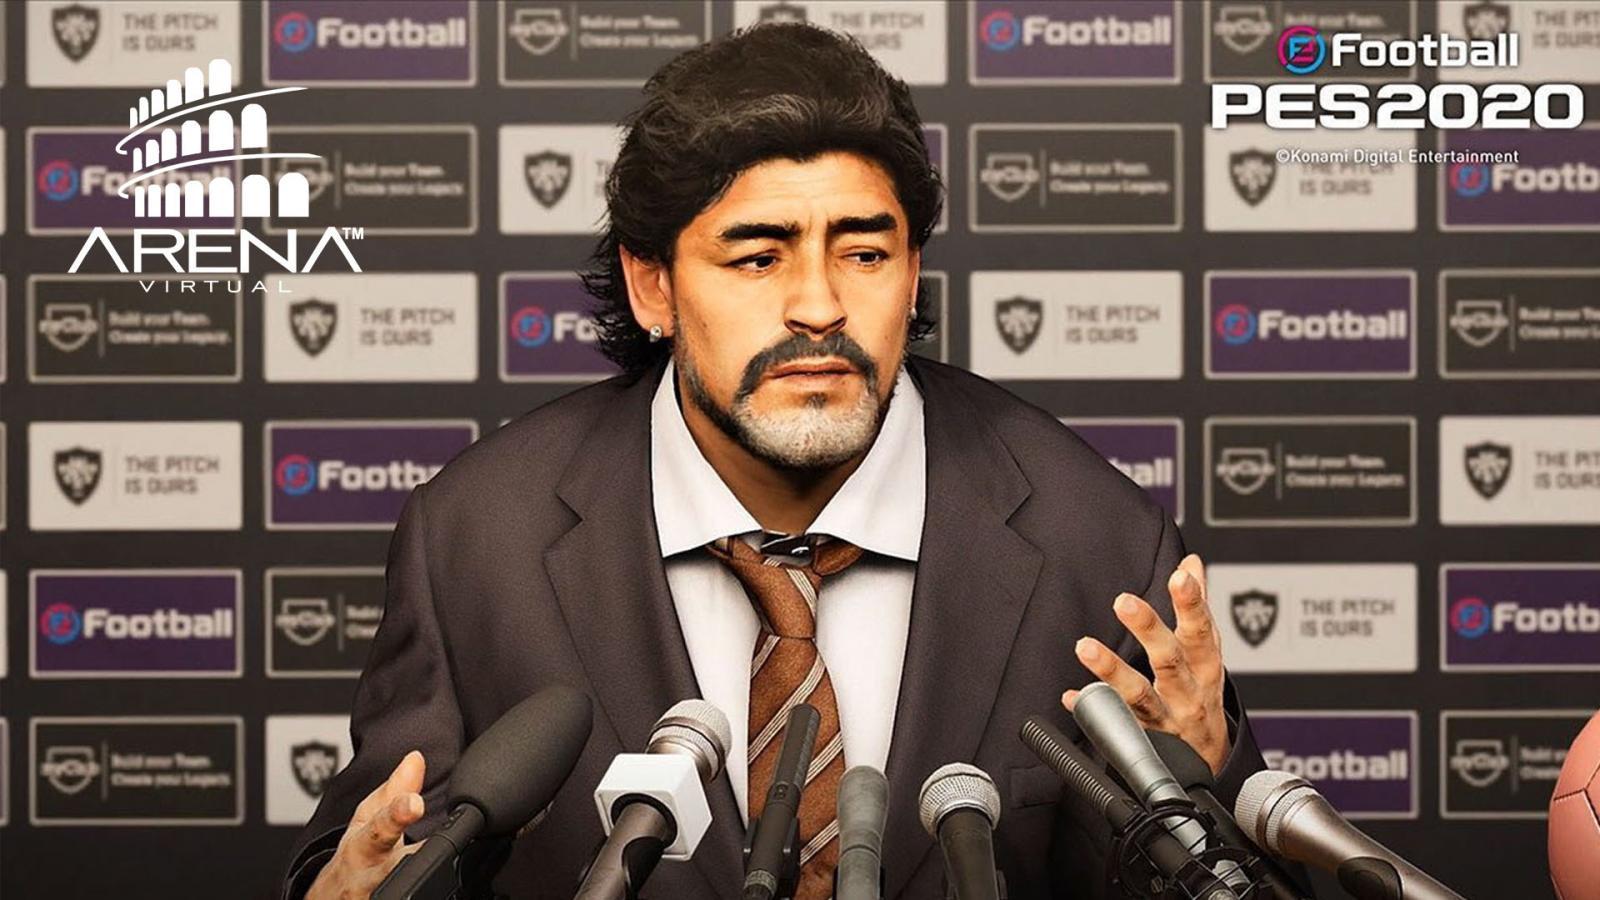 Efootball PES 2020 - NOVA MASTER LEAGUE